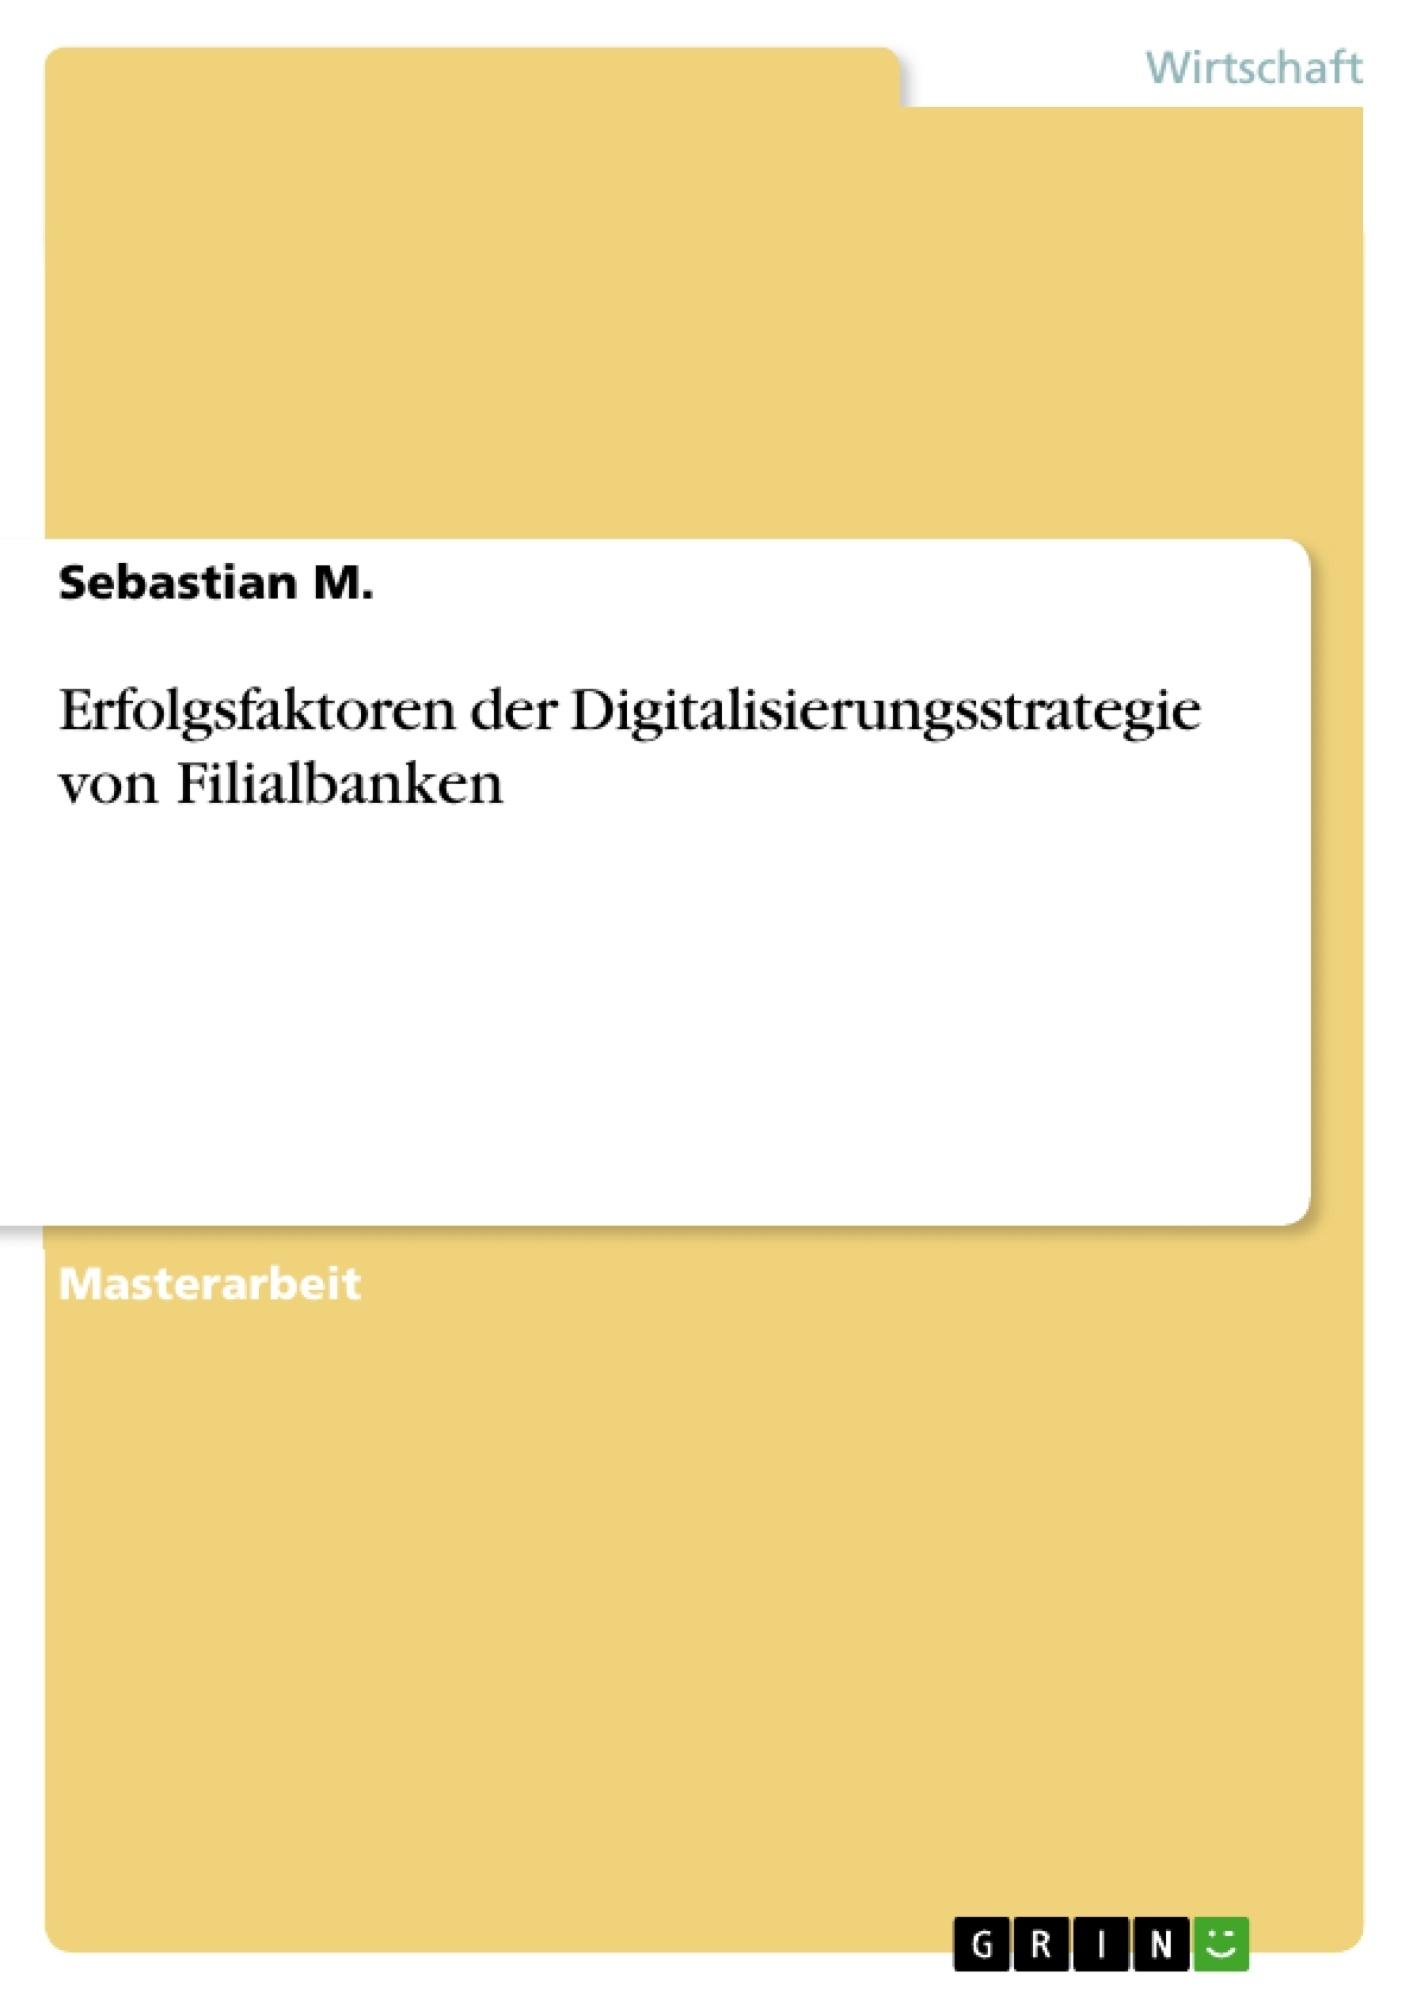 Titel: Erfolgsfaktoren der Digitalisierungsstrategie von Filialbanken